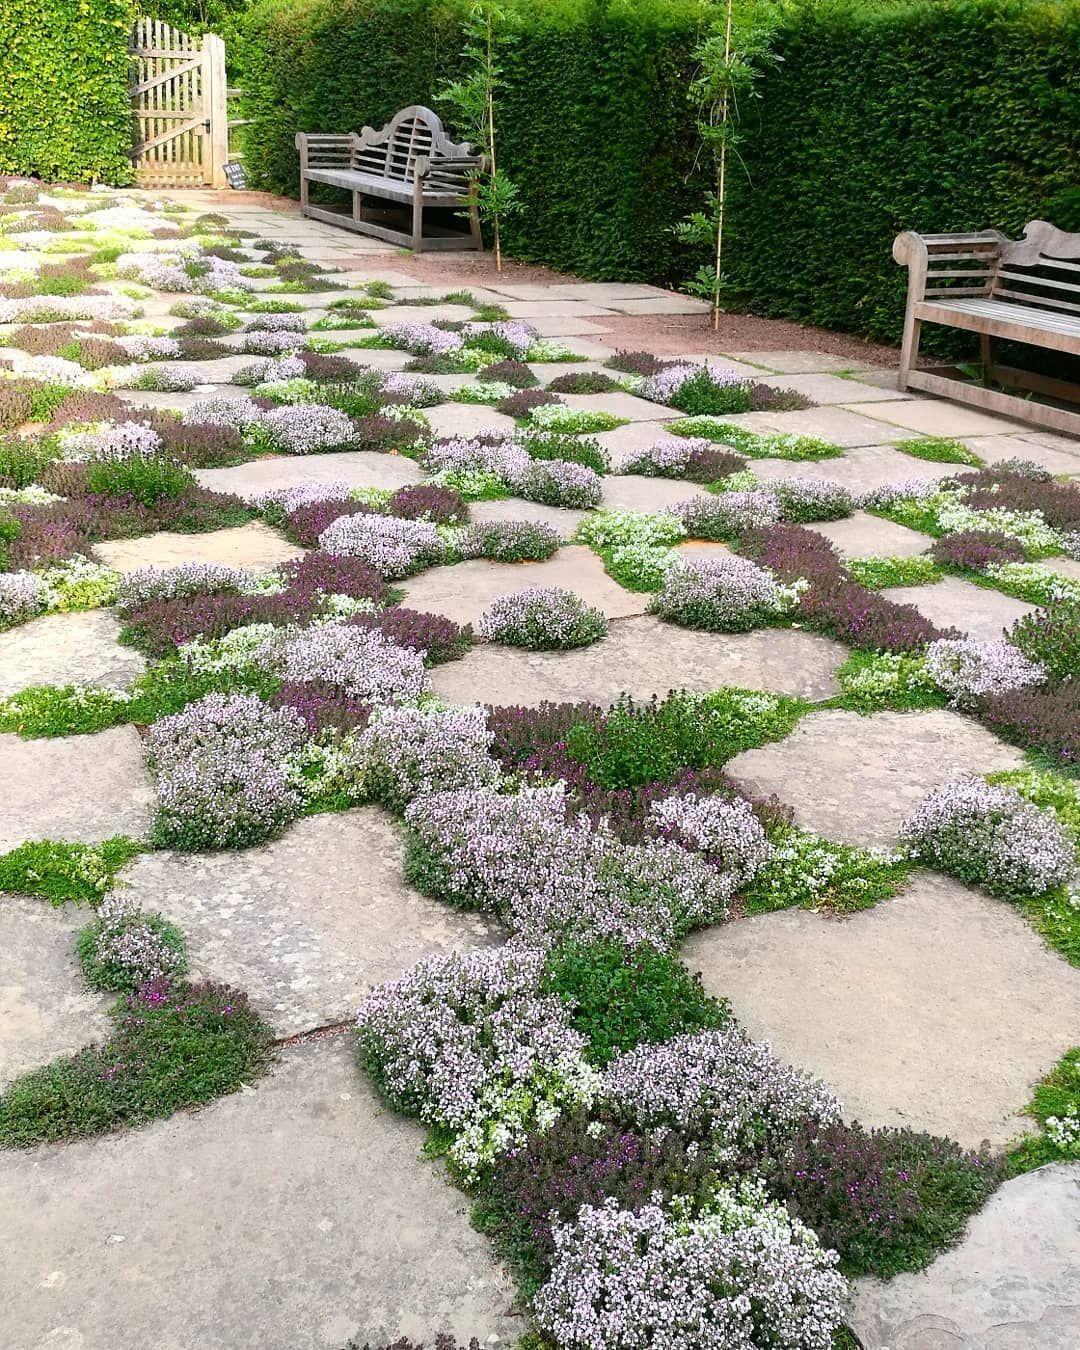 Meryl Lakin On Instagram The Thyme Lawn Sissinghurst Thyme Thymelawn Sissinghurst Sissinghurstca Cottage Garden Garden Planning Garden Design